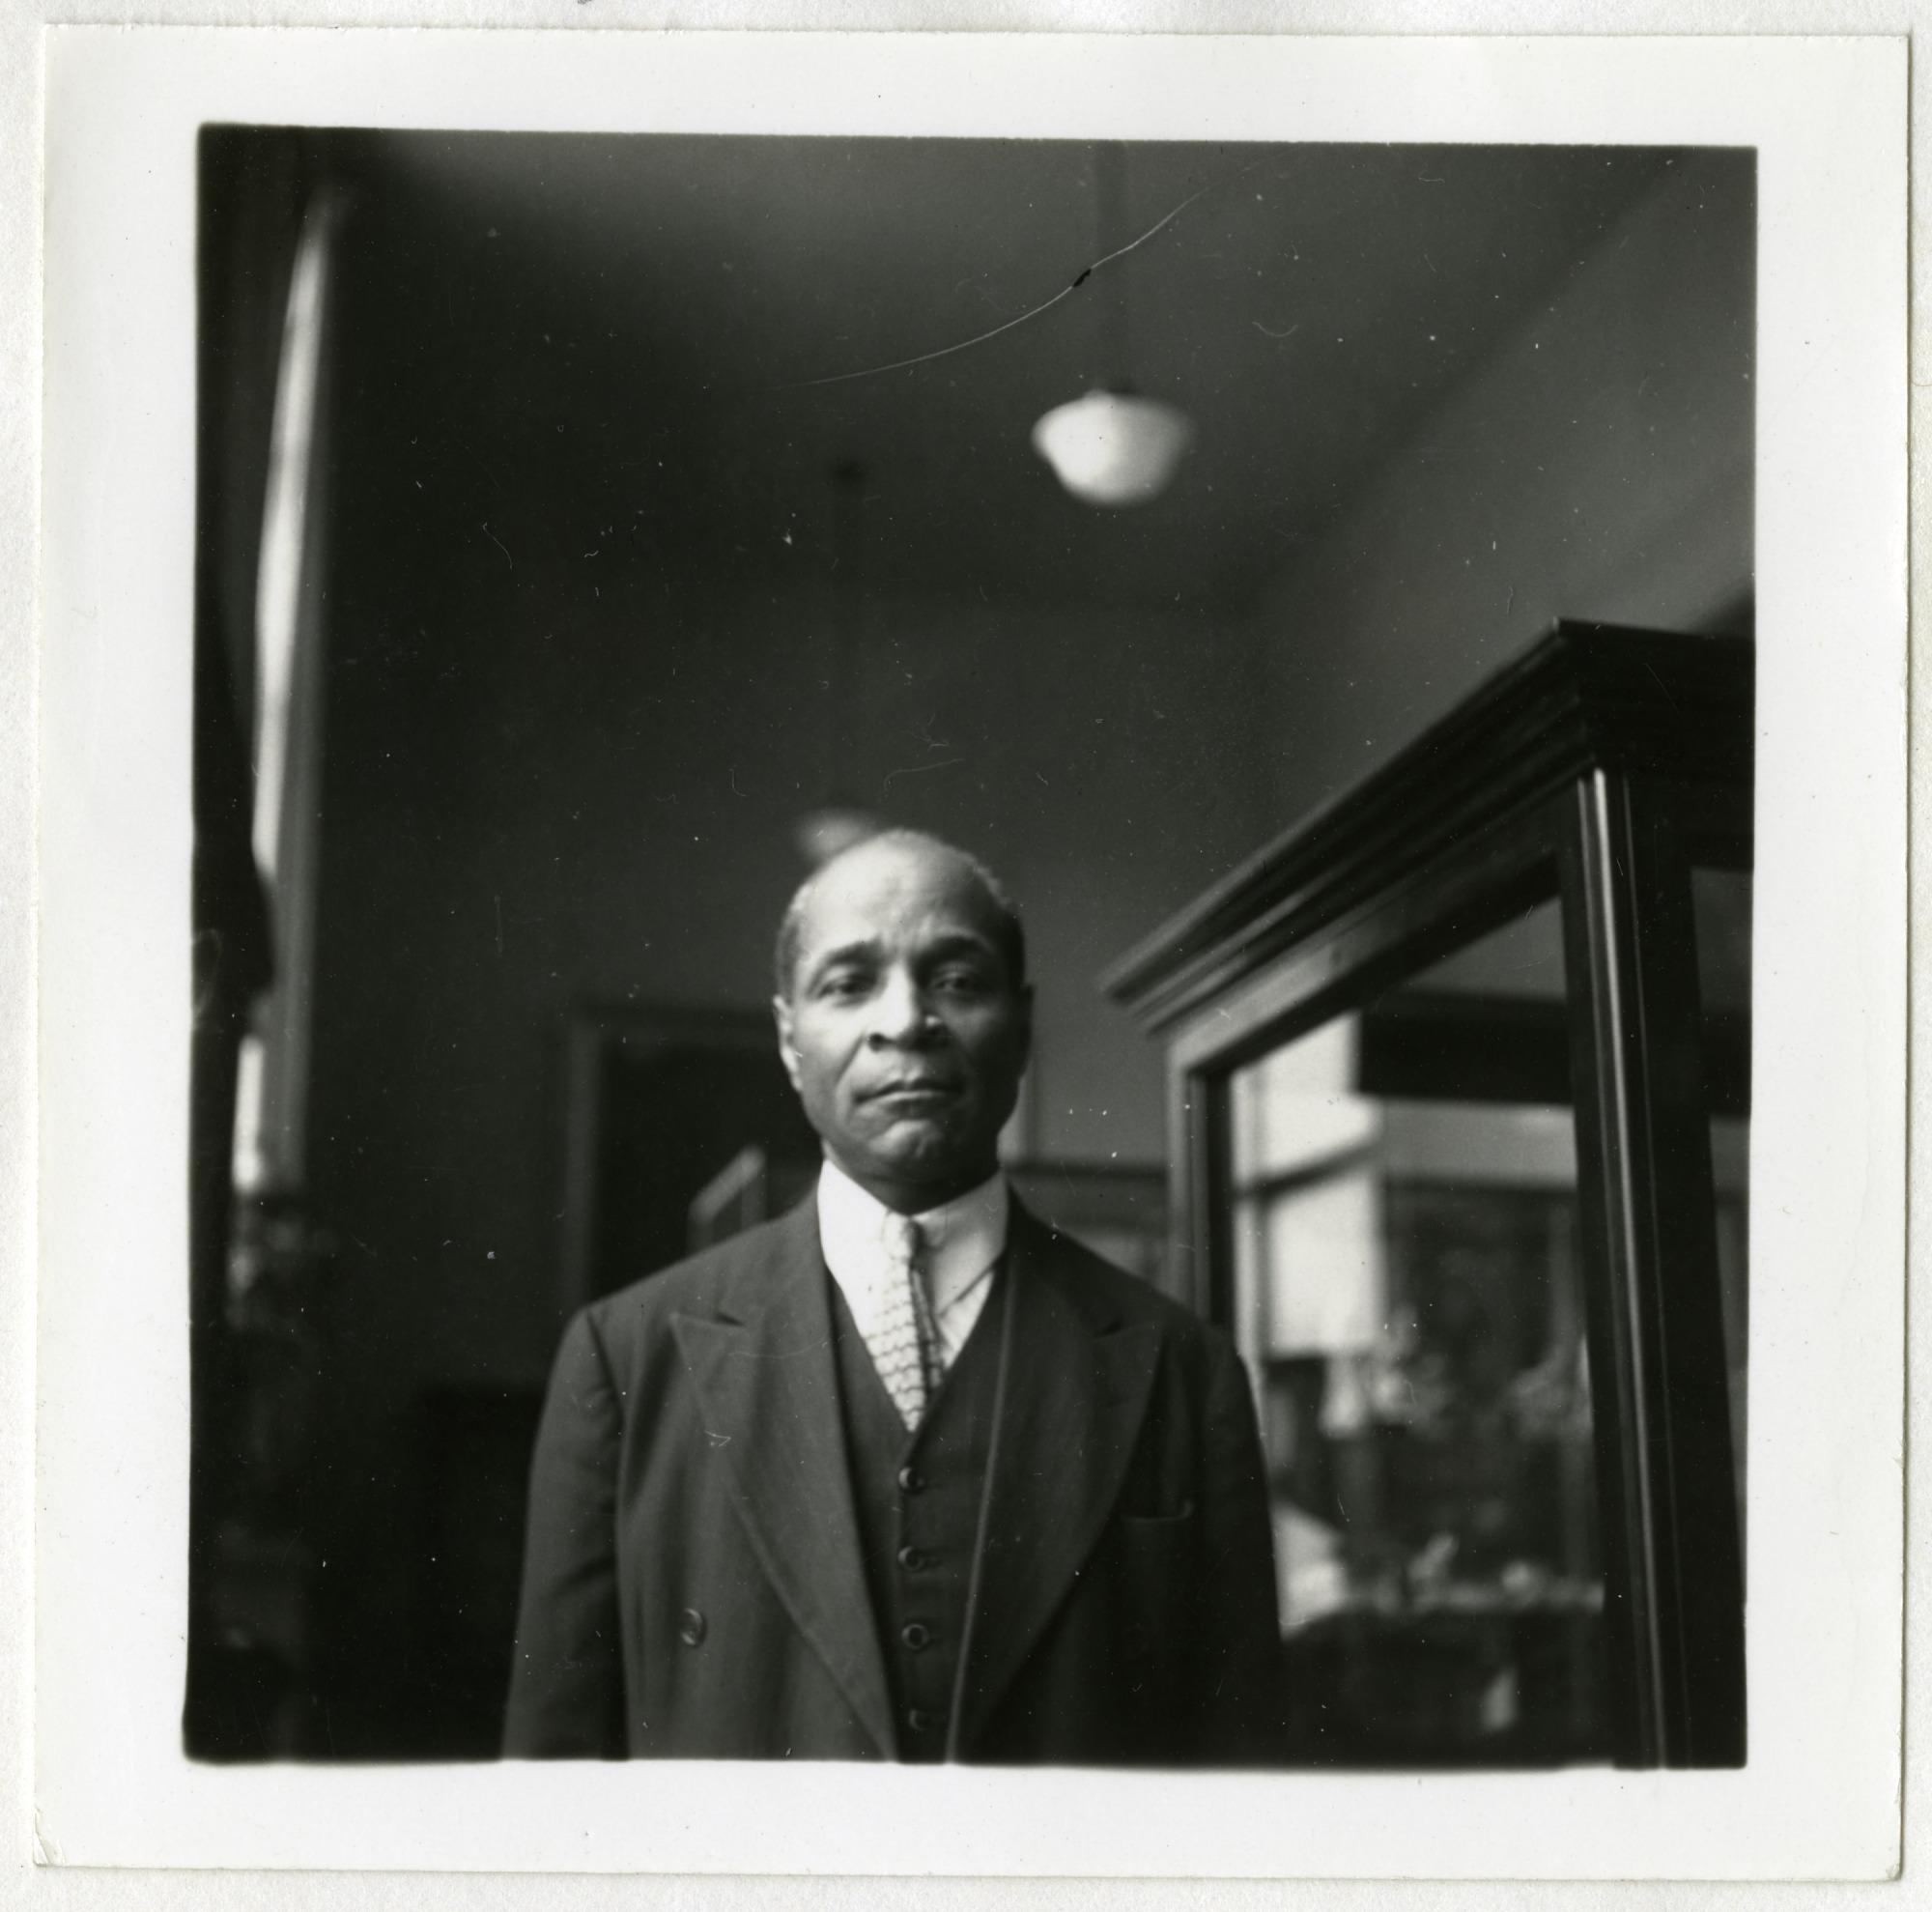 Mr. F. Jackson